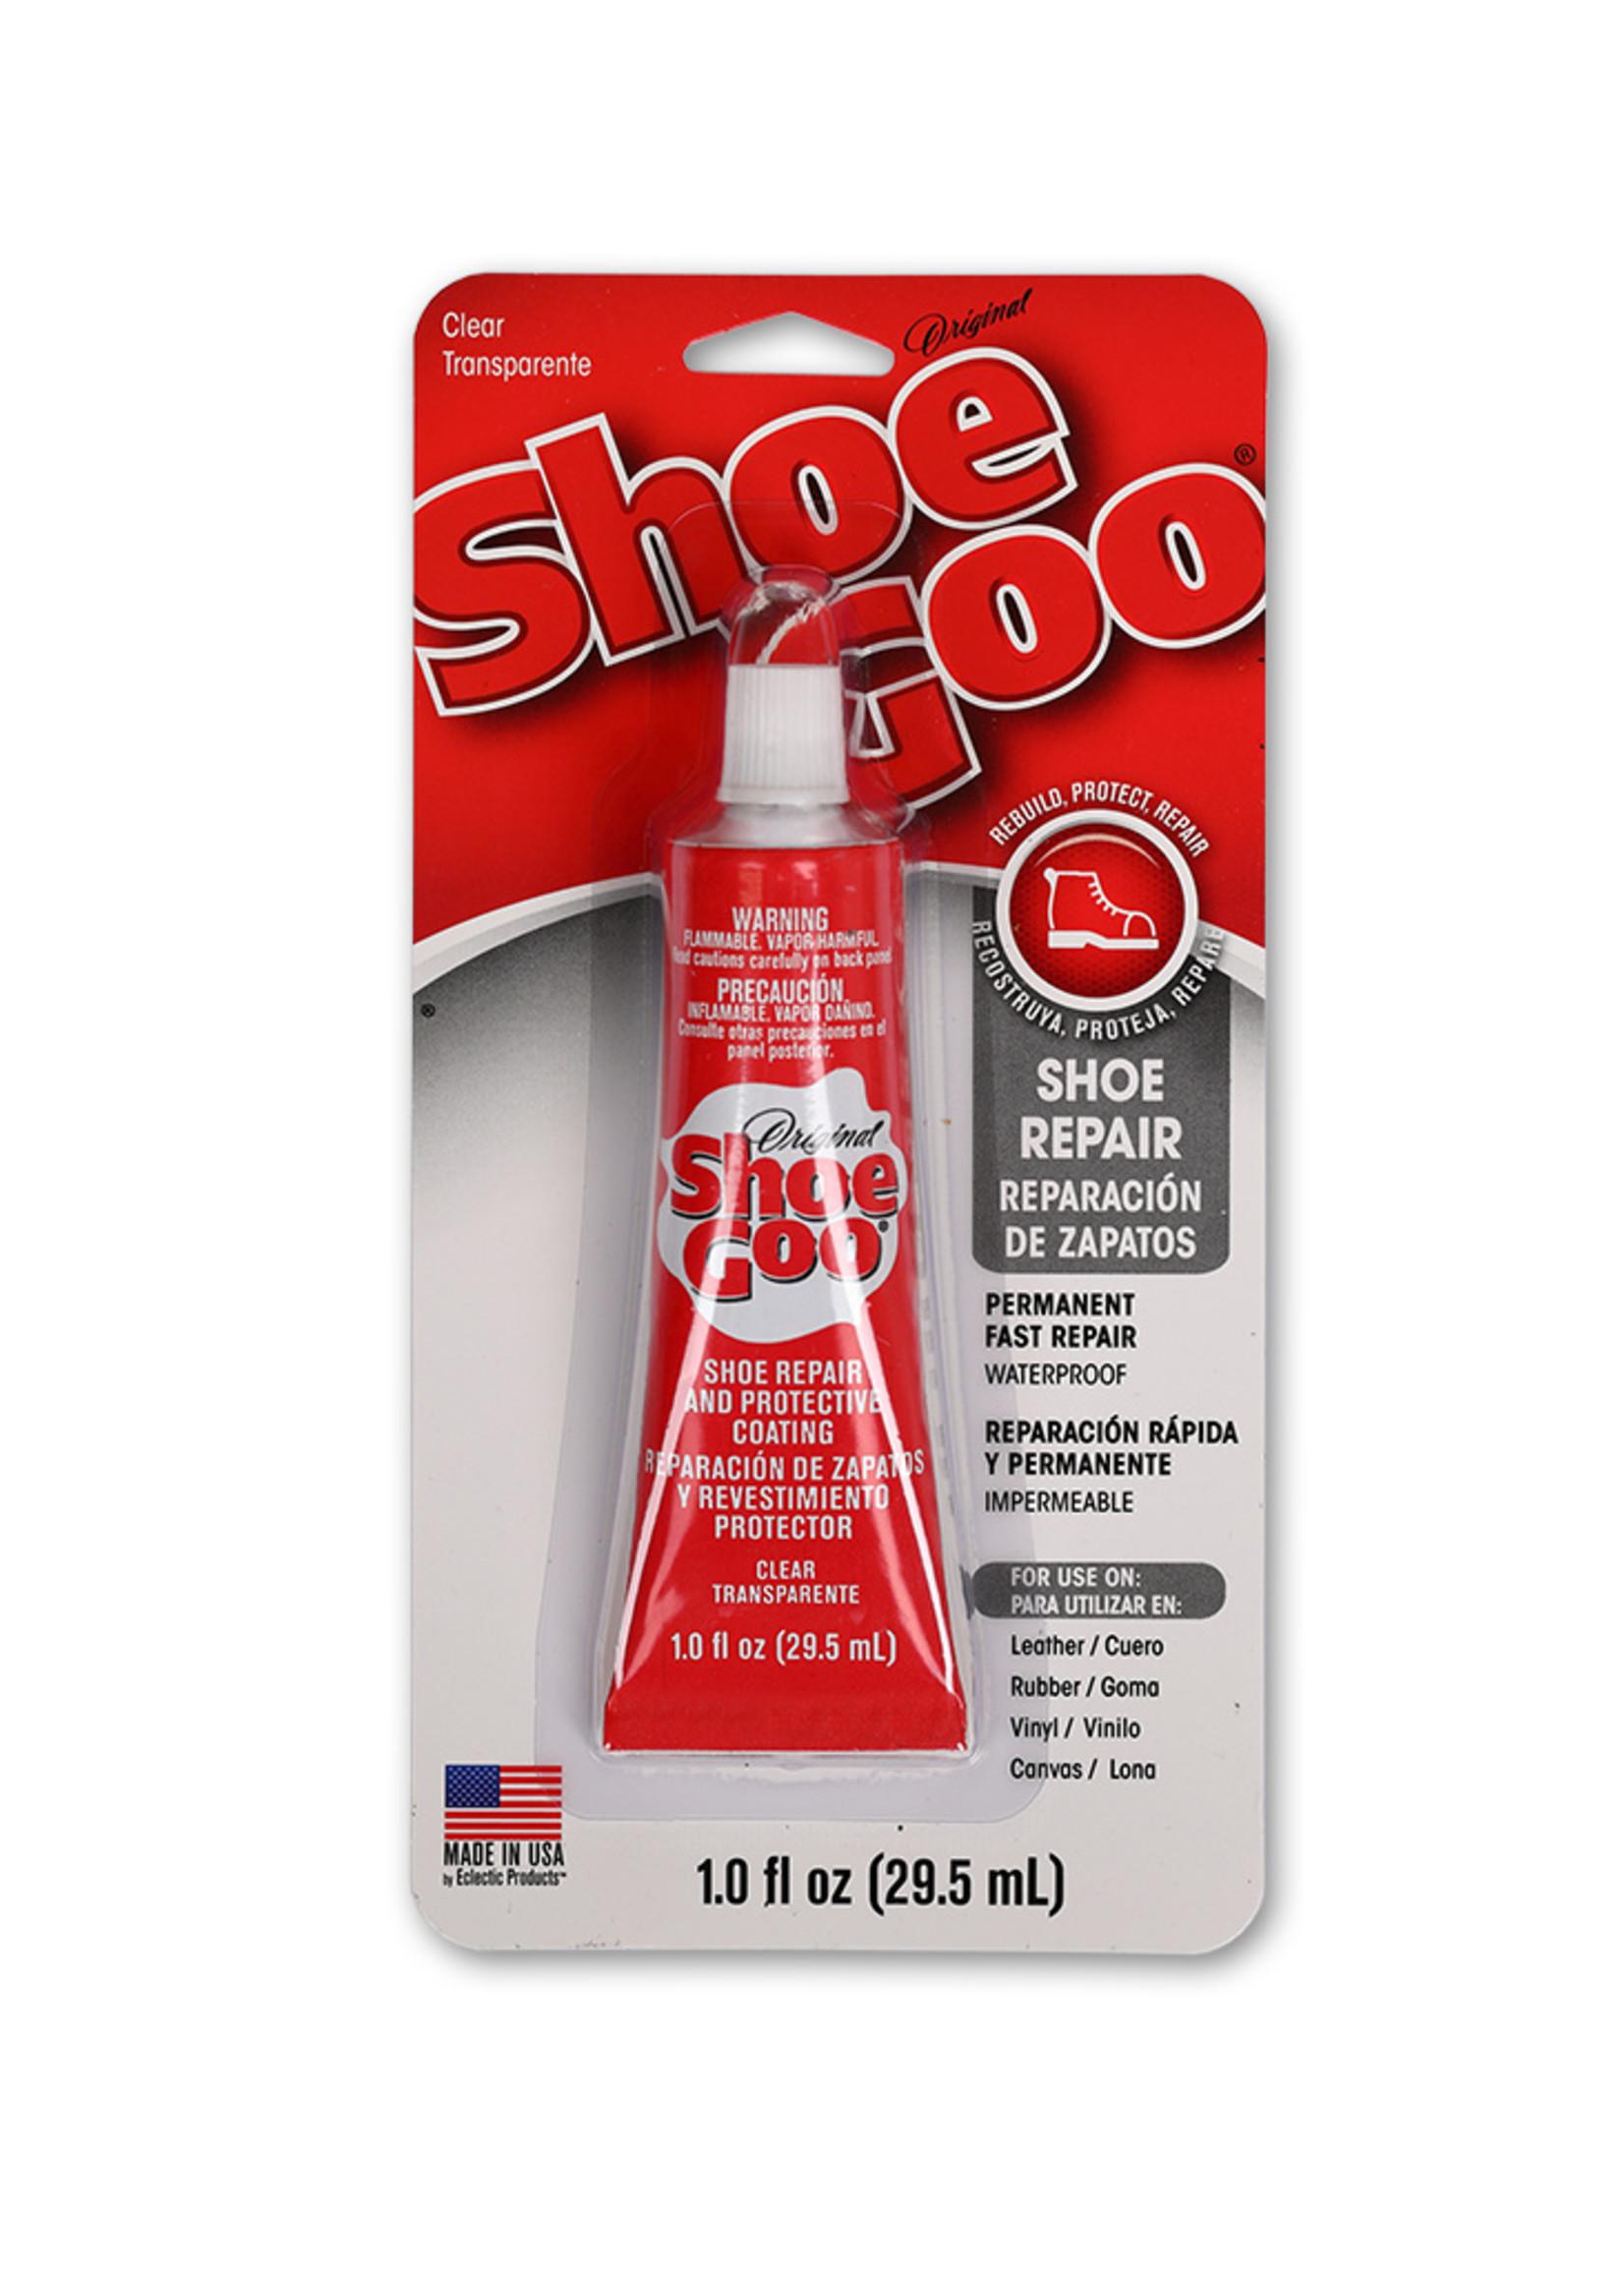 Shoe Goo Shoe Goo Original 30 ml Repair Adhesive Clear